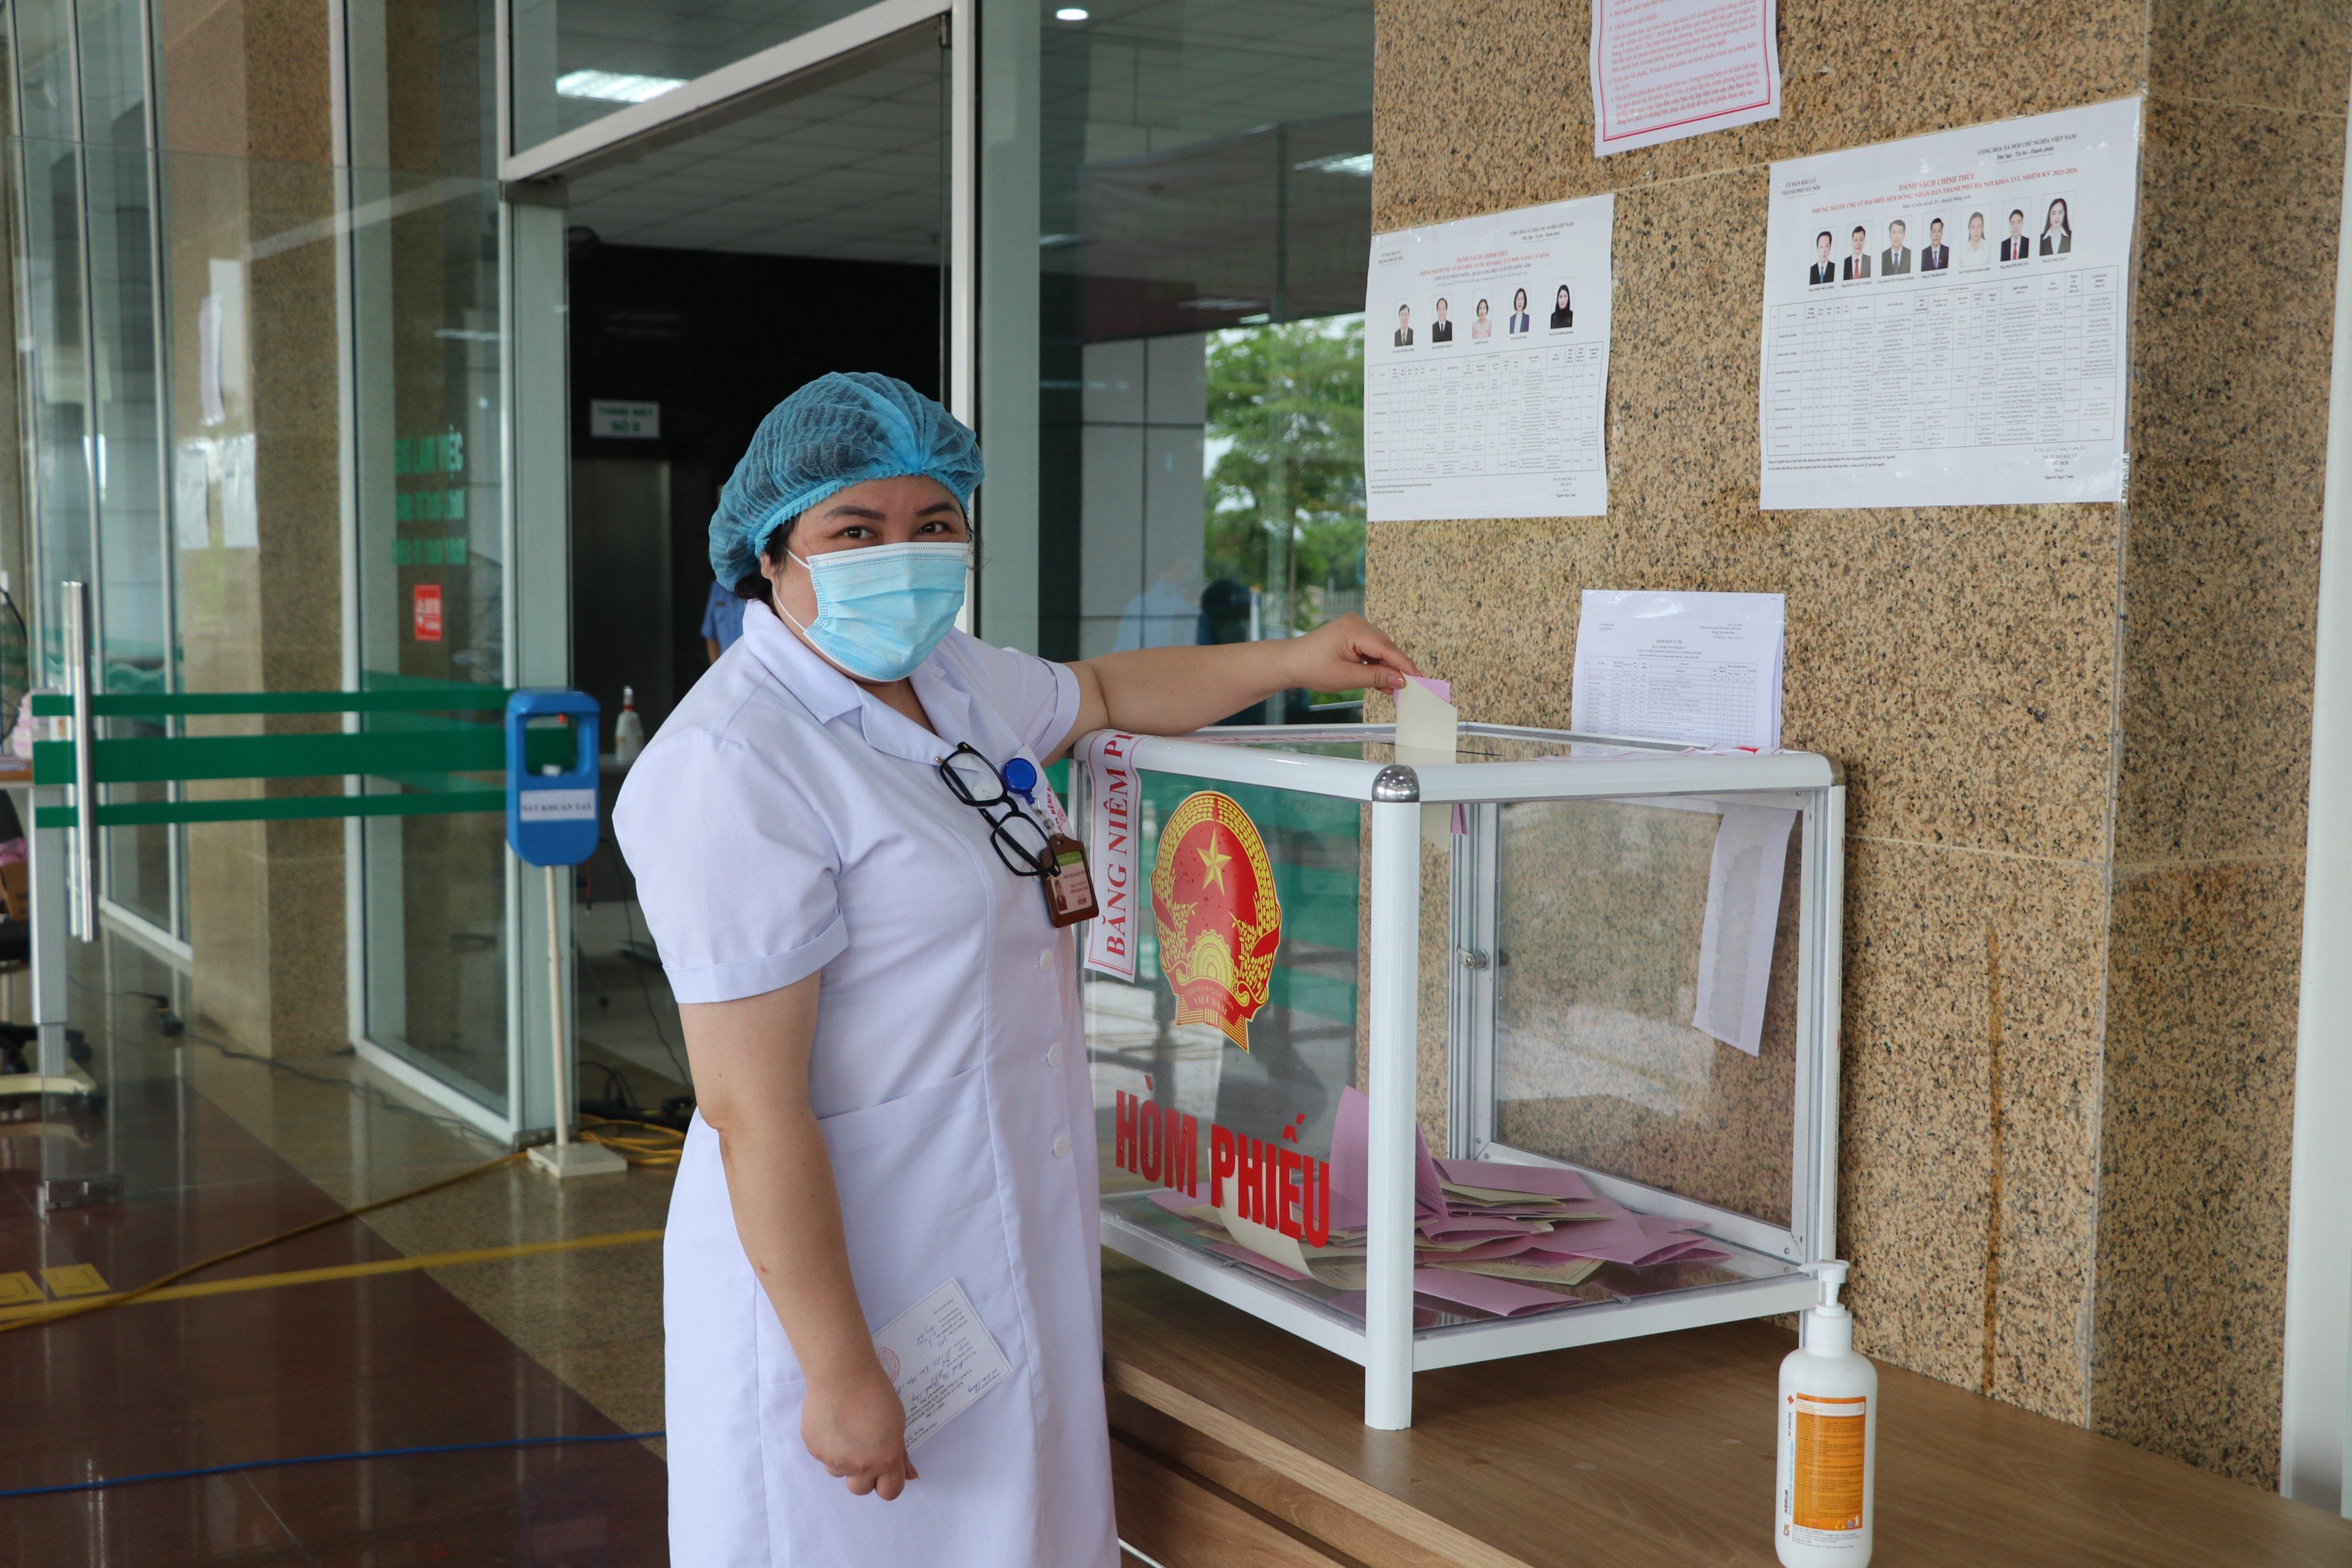 Những hình ảnh đặc biệt tại điểm bỏ phiếu ở Bệnh viện Bệnh Nhiệt đới Trung ương cơ sở Kim Chung